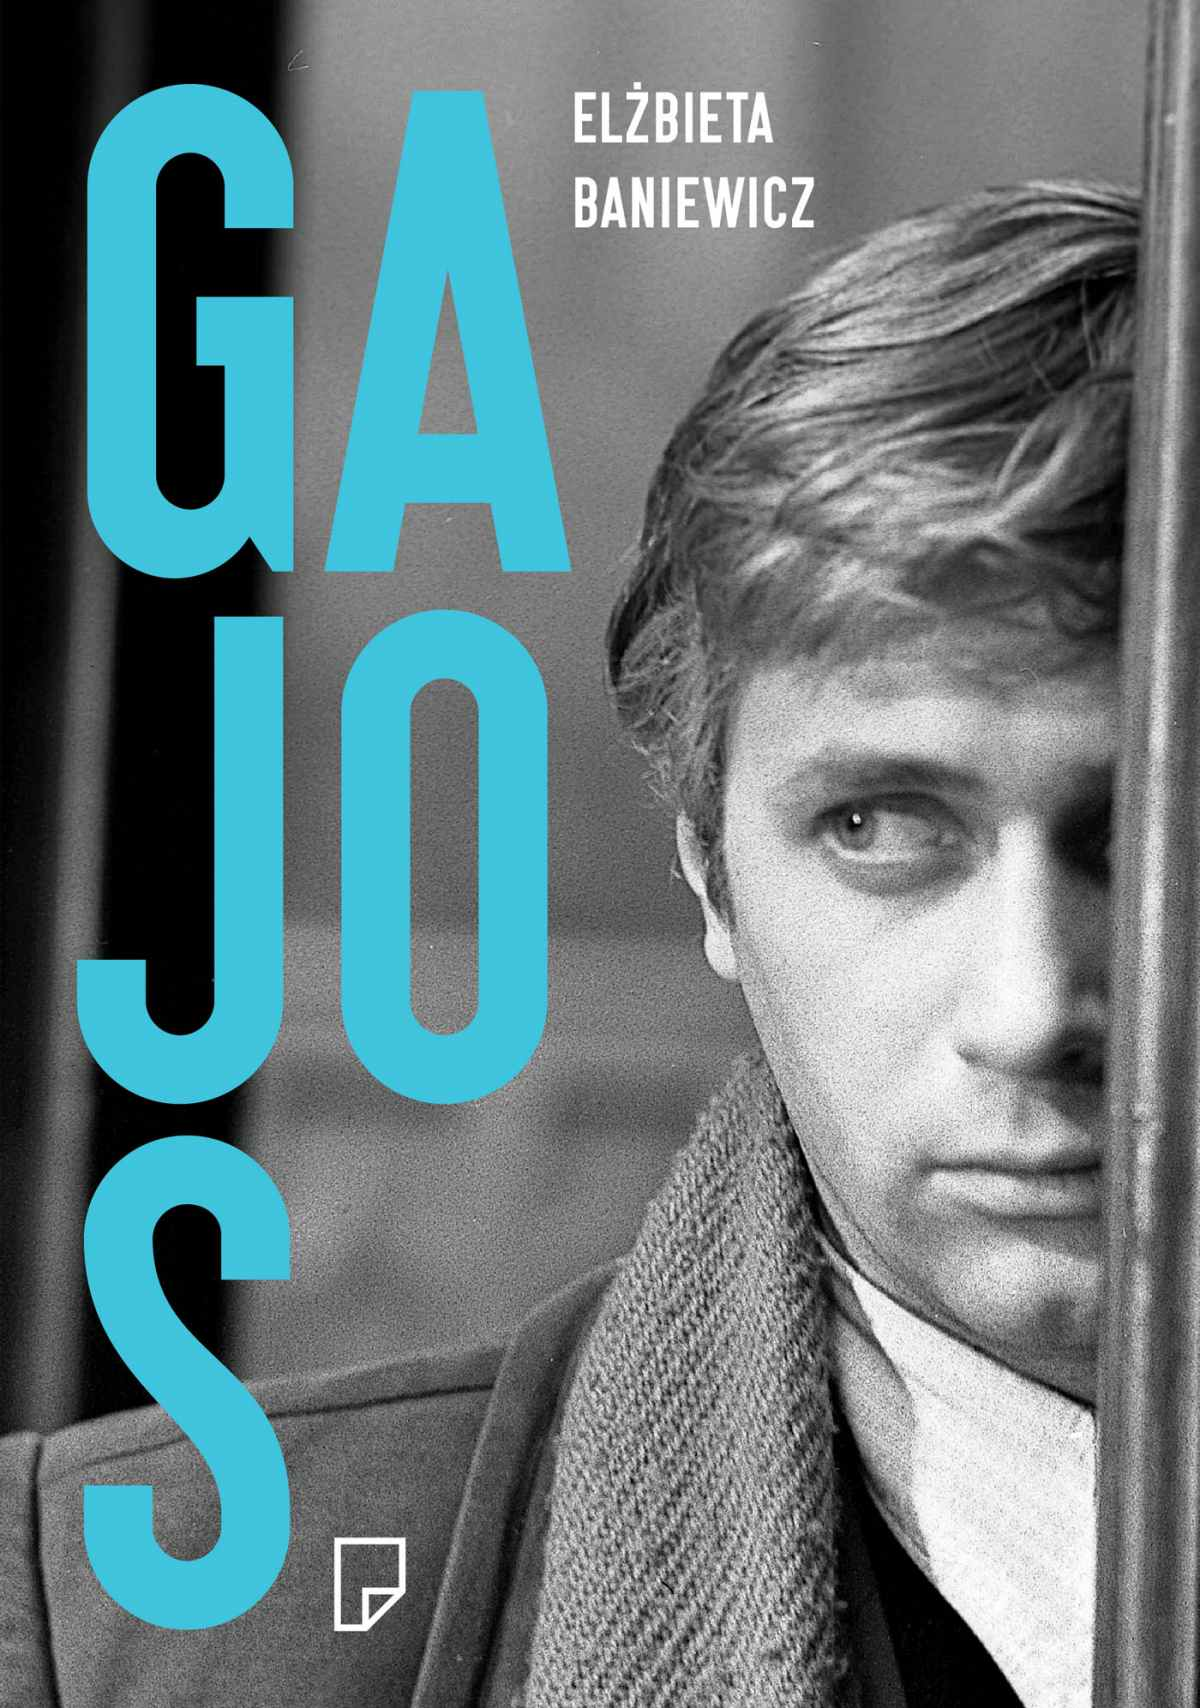 Gajos. Edycja z autografem - Ebook (Książka EPUB) do pobrania w formacie EPUB